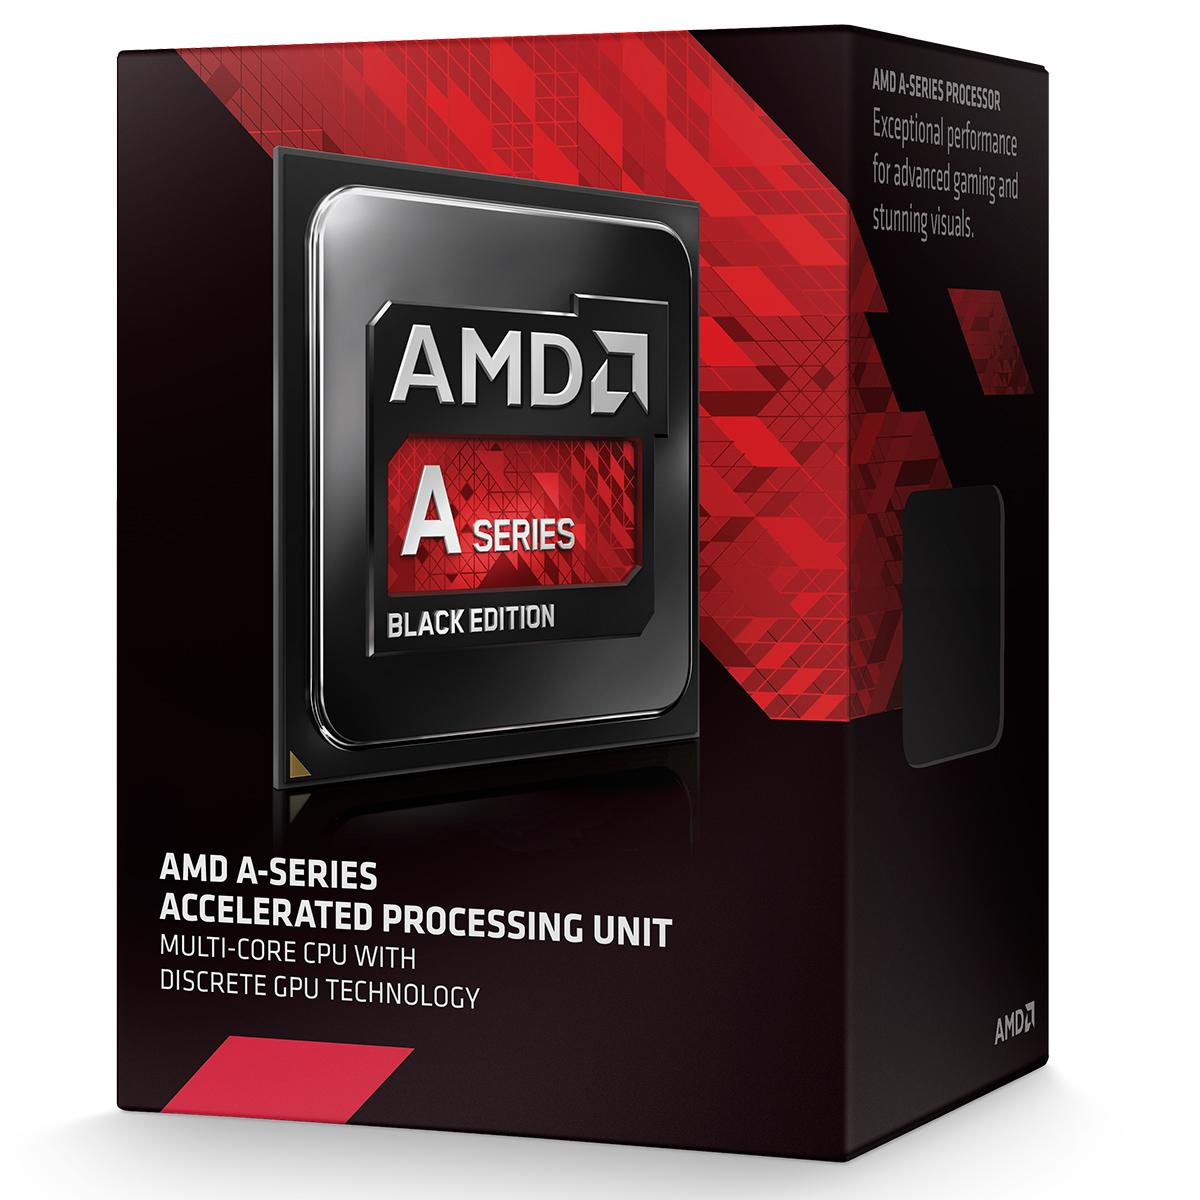 Processeur AMD A10-7870K (3.9 GHz) Black Edition Processeur Quad Core socket FM2+ Cache L2 4 Mo Radeon R7 0.028 micron (version boîte - garantie constructeur 3 ans)